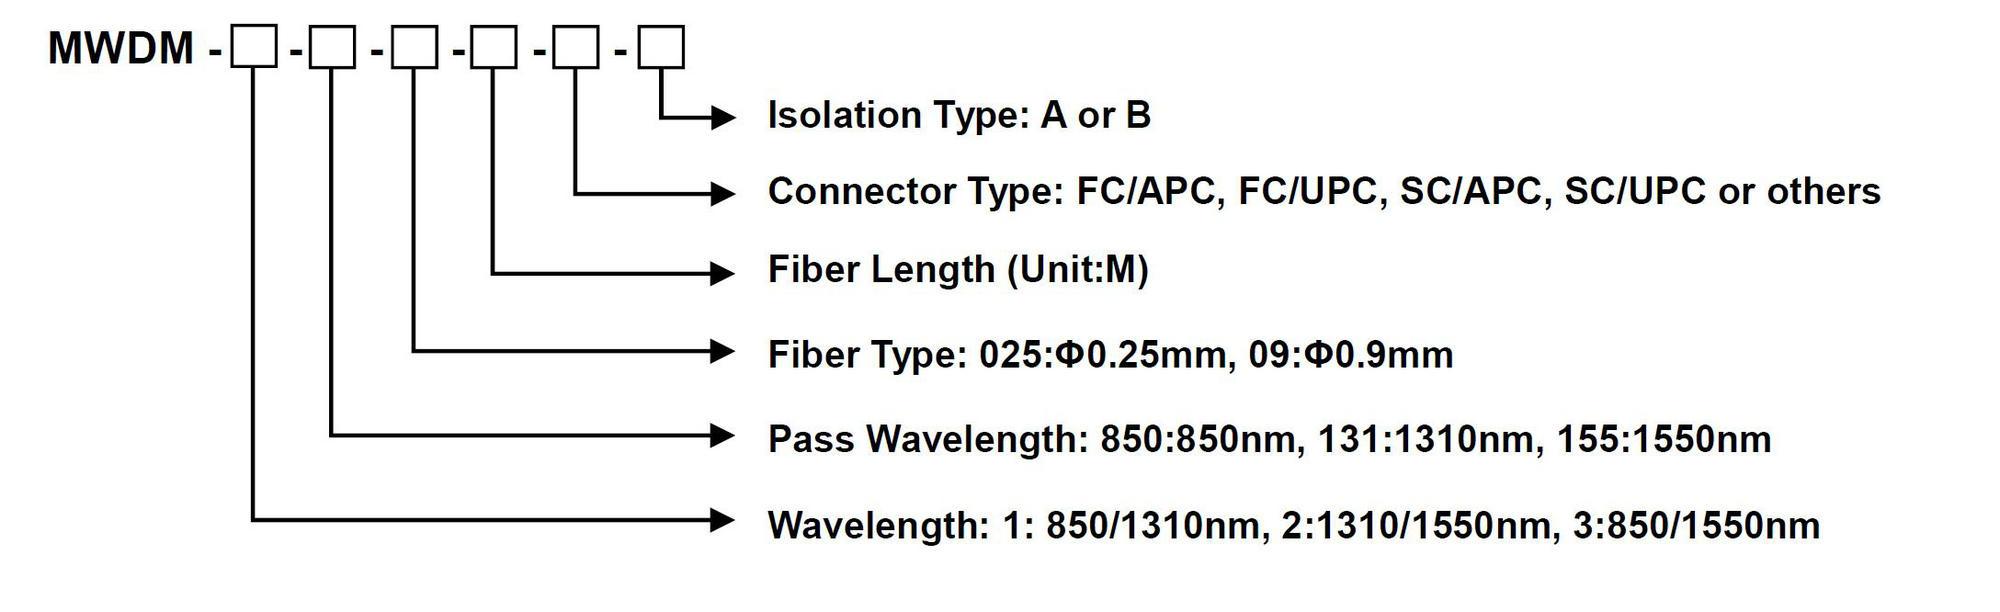 1.8.3 Multi-Mode High Isolation WDM